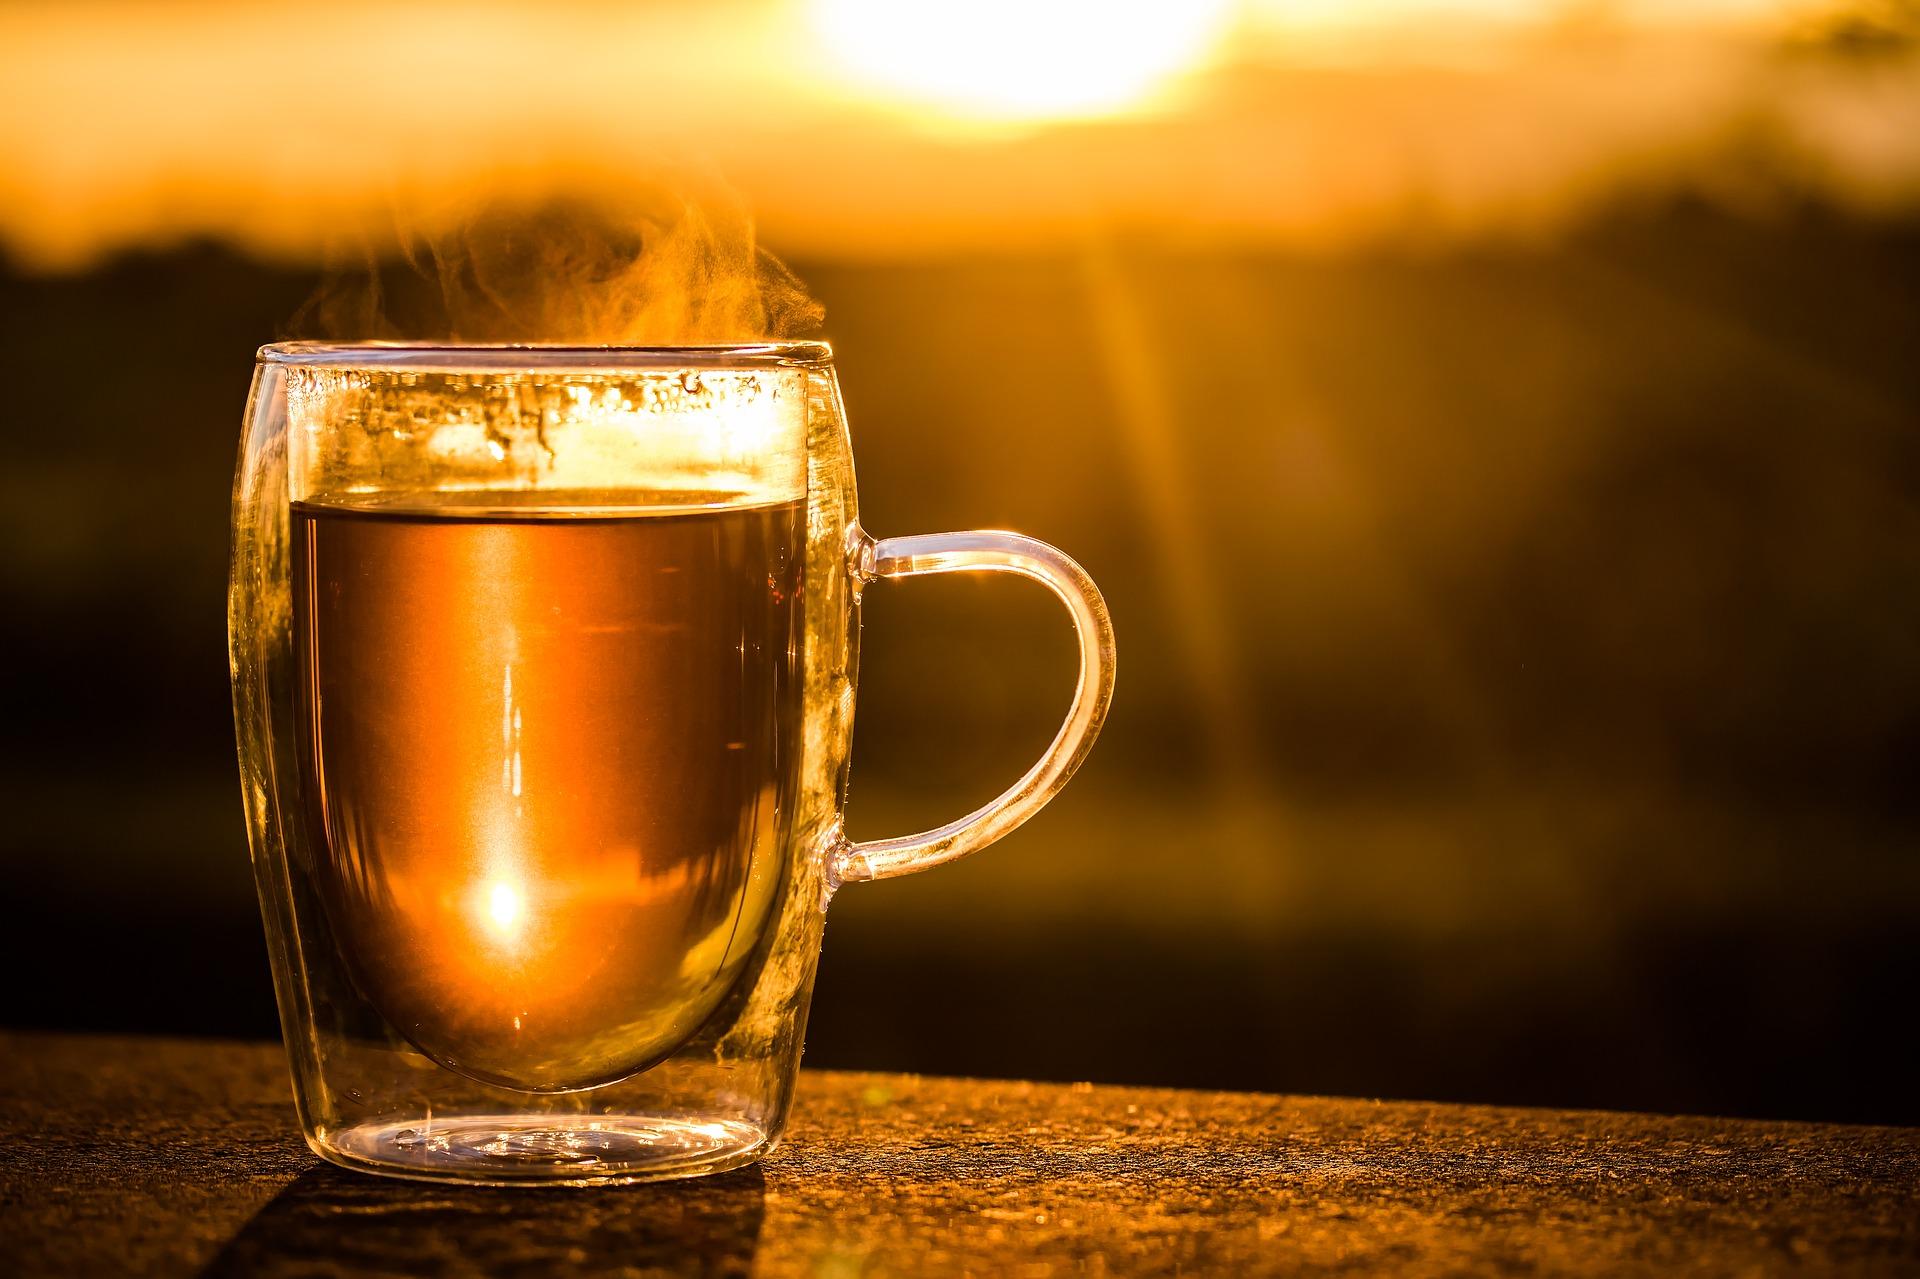 """Ceaiul pentru slăbit recomandat de bioenergoterapeutul Lidia Fecioru: """"Regula cea mai importantă să scapi de kilograme este să renunți la pofte"""""""